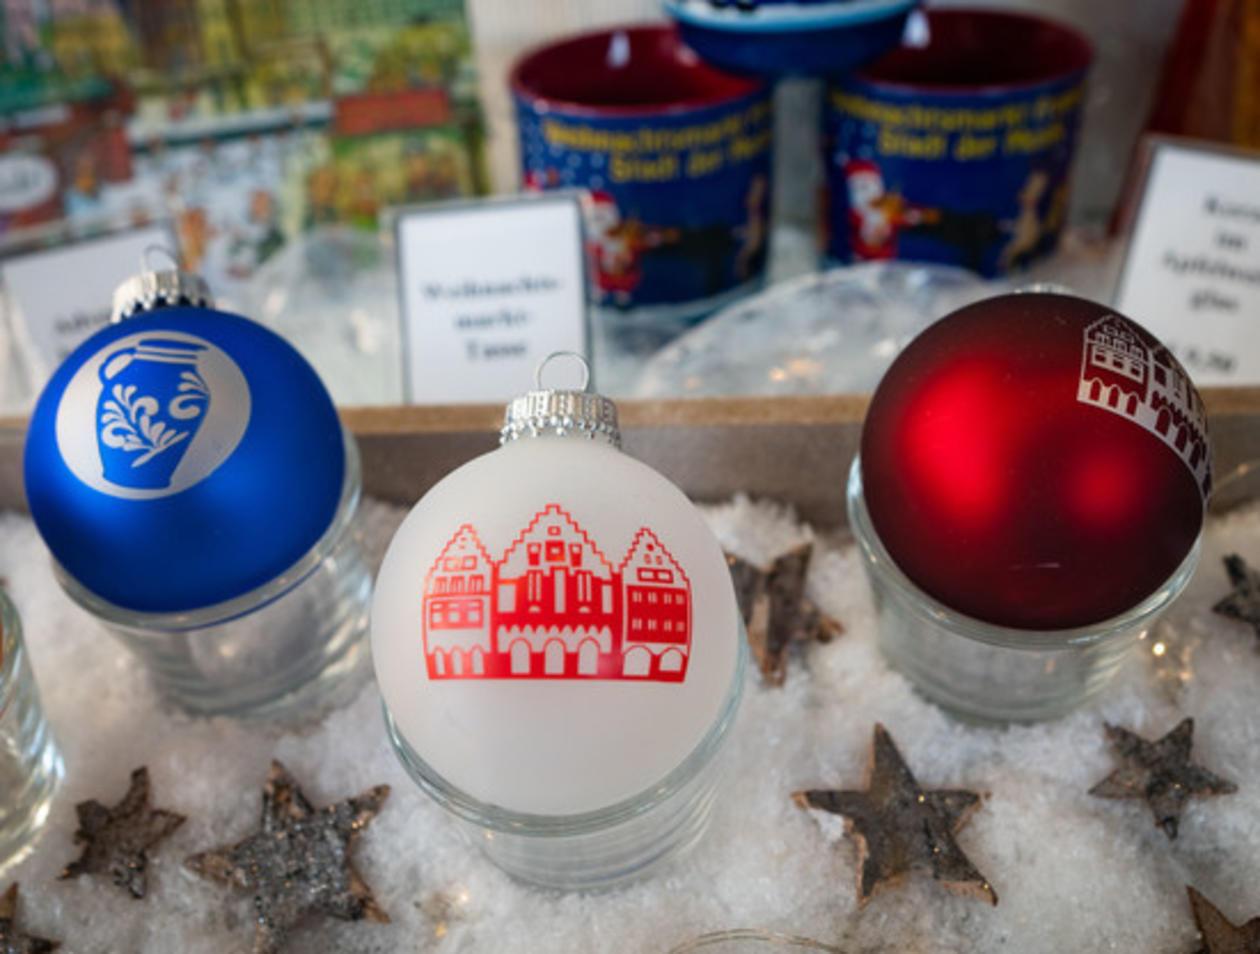 Eintracht Frankfurt Christbaumkugeln.Hessen Kaufen Immer Mehr Merchandising Produkte Ihrer Heimstädte